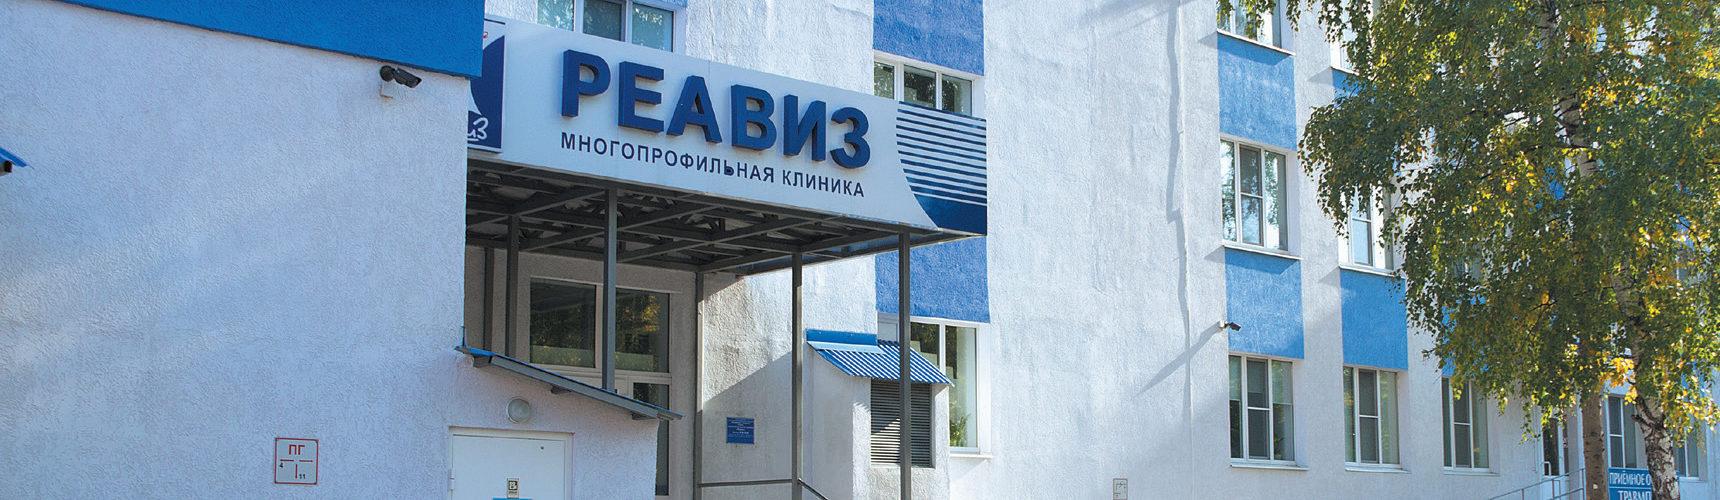 Медицинский университет «Реавиз» вновь вошел в ТОП-5 негосударственных ВУЗов России